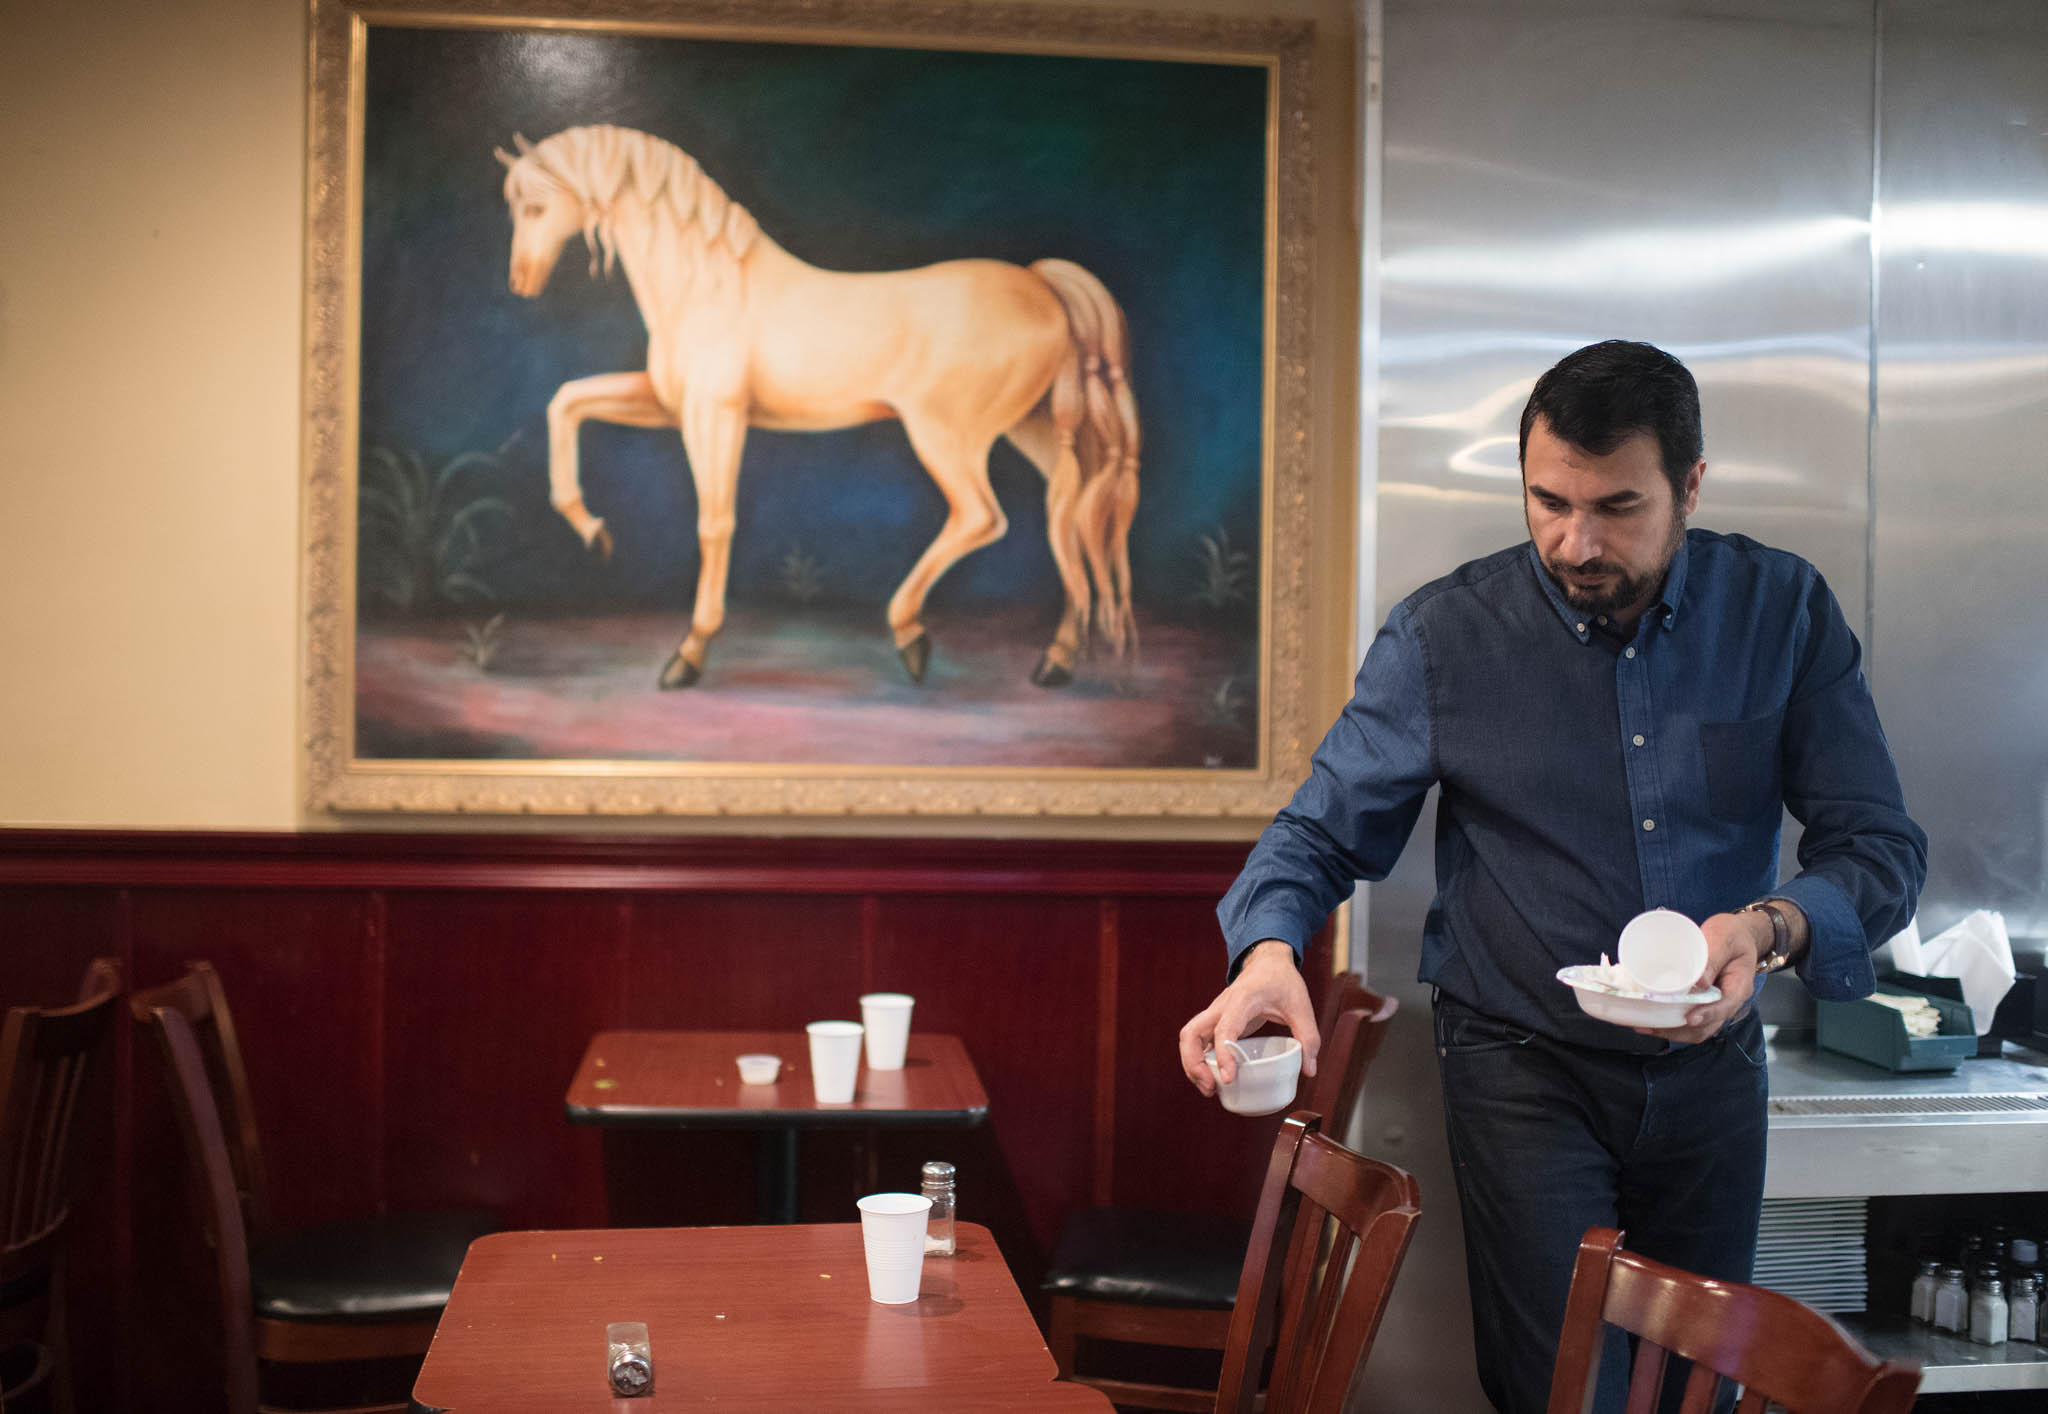 Kazi Mannan dans un restaurant, en train de débarrasser une table (© Marvin Joseph/The Washington Post/Getty Images)